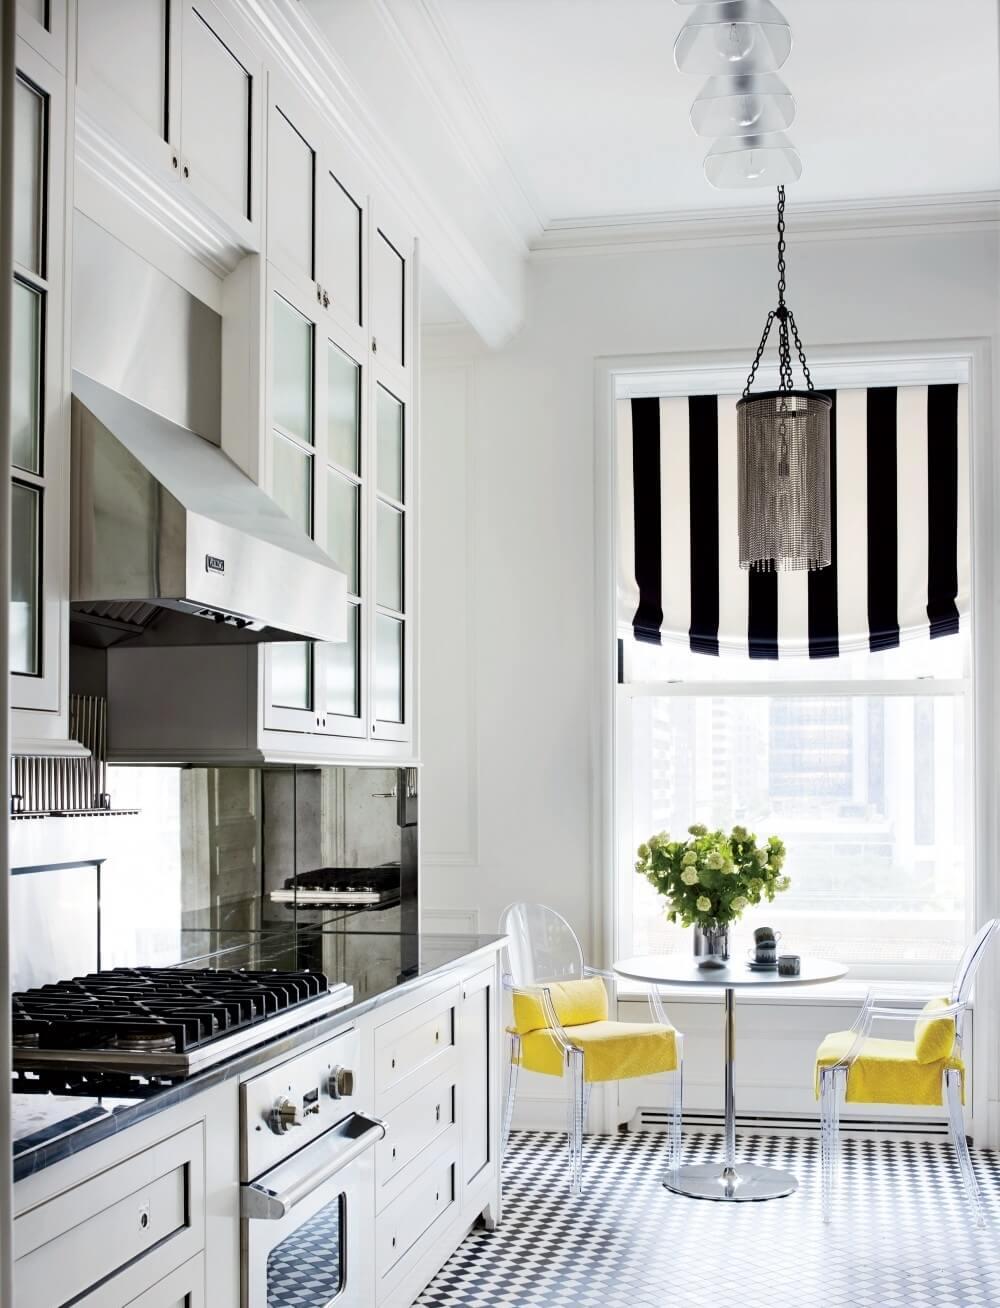 Przeszklone szafki w kuchni